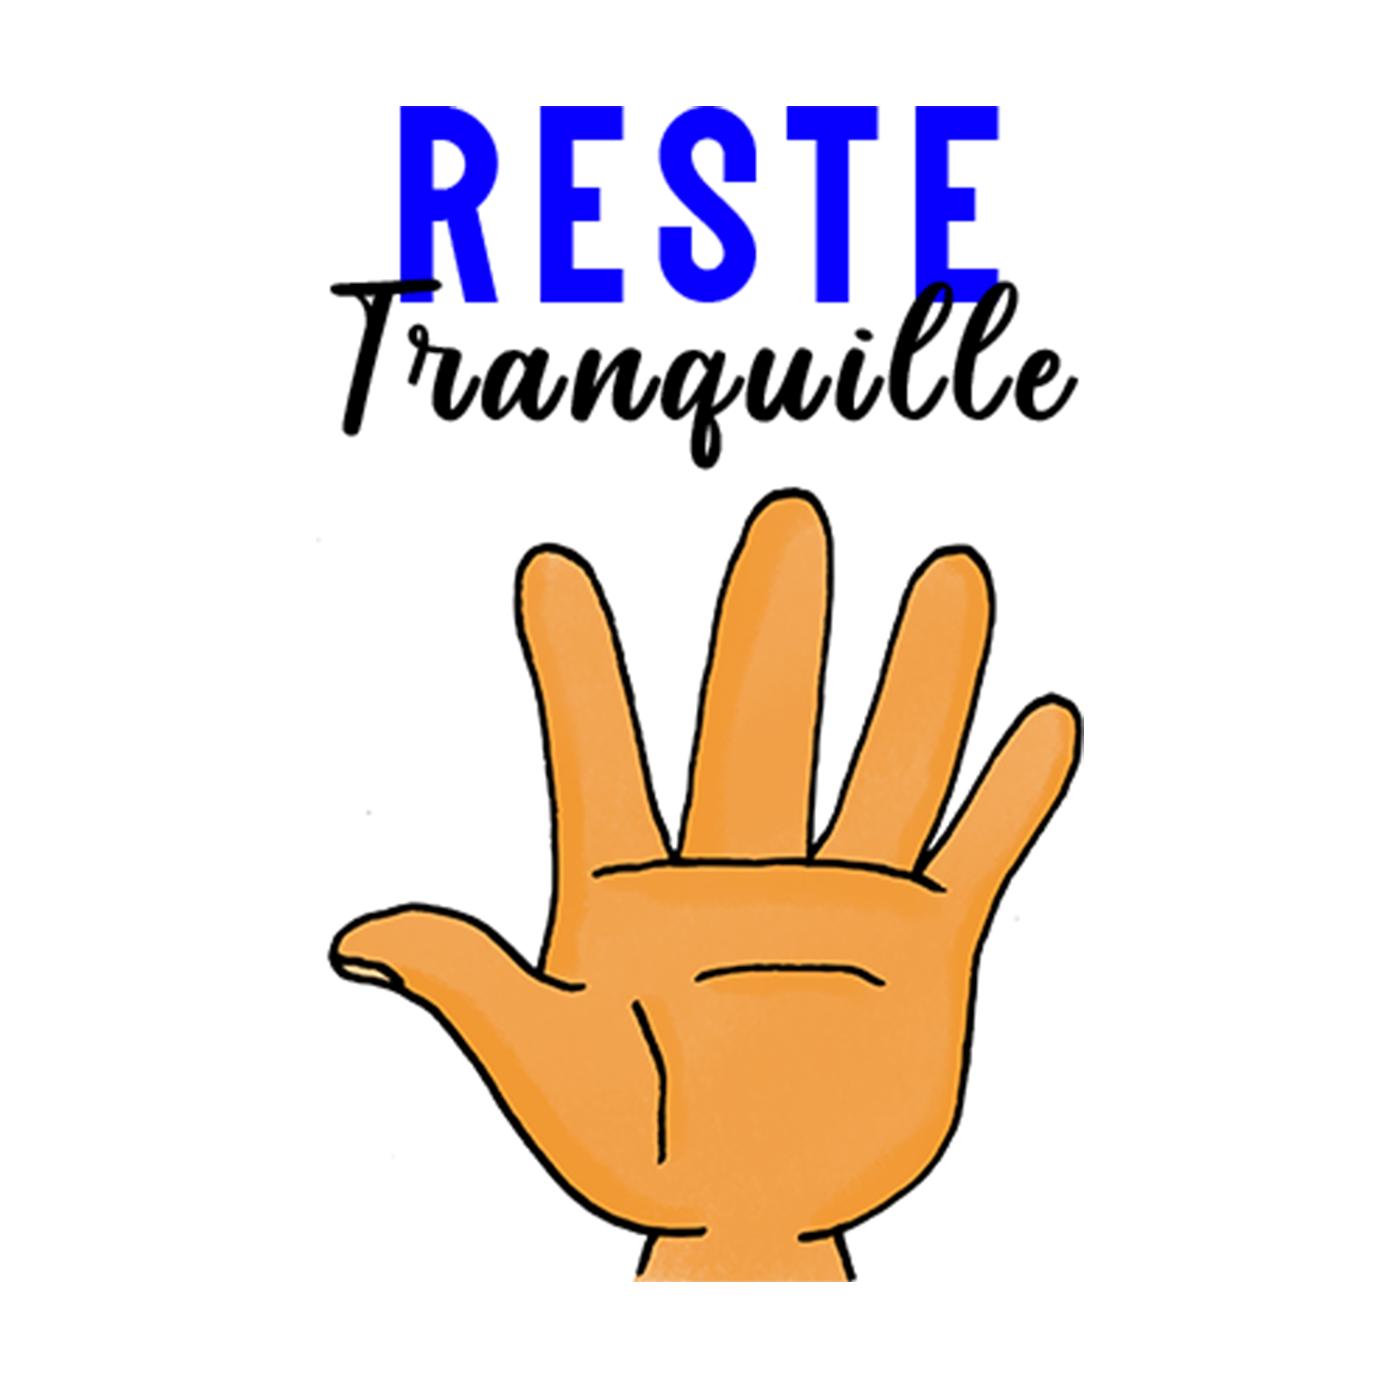 Reste Tranquille - Mer. 21 Avril 2021